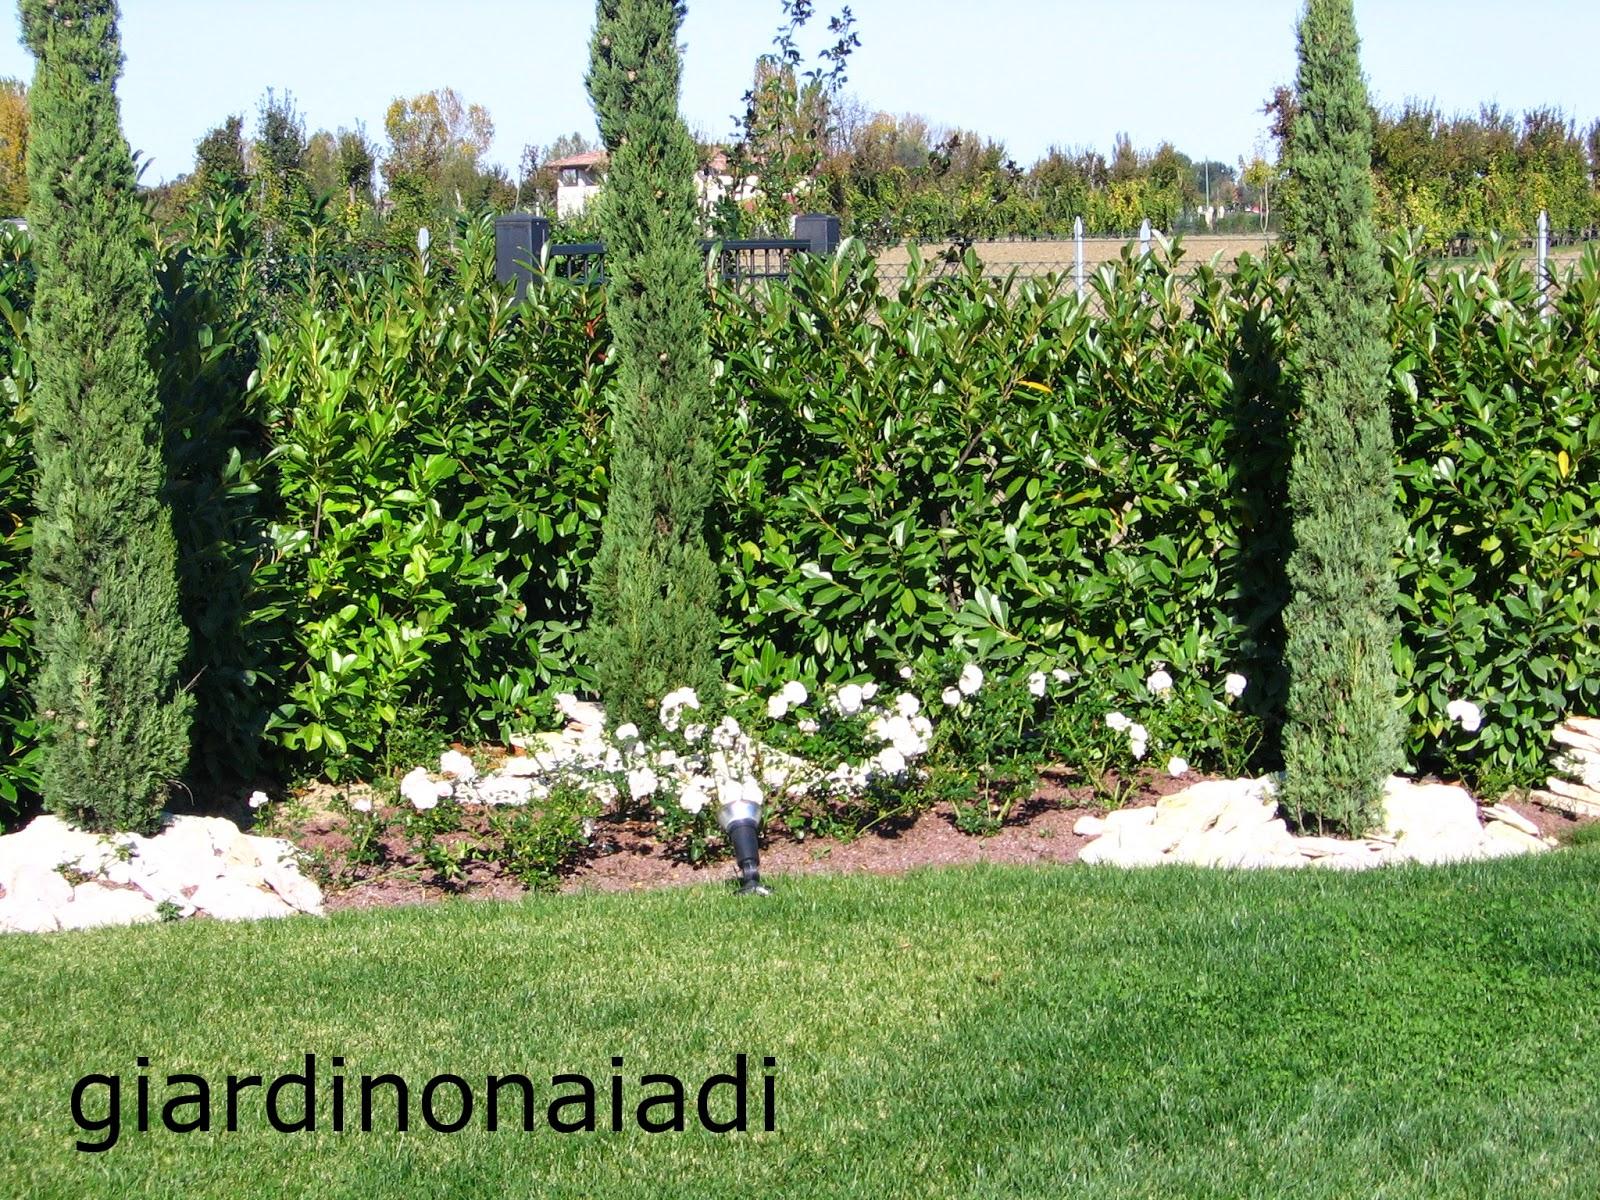 Il giardino delle naiadi un giardino al vento for Piante da giardino alte 2 metri